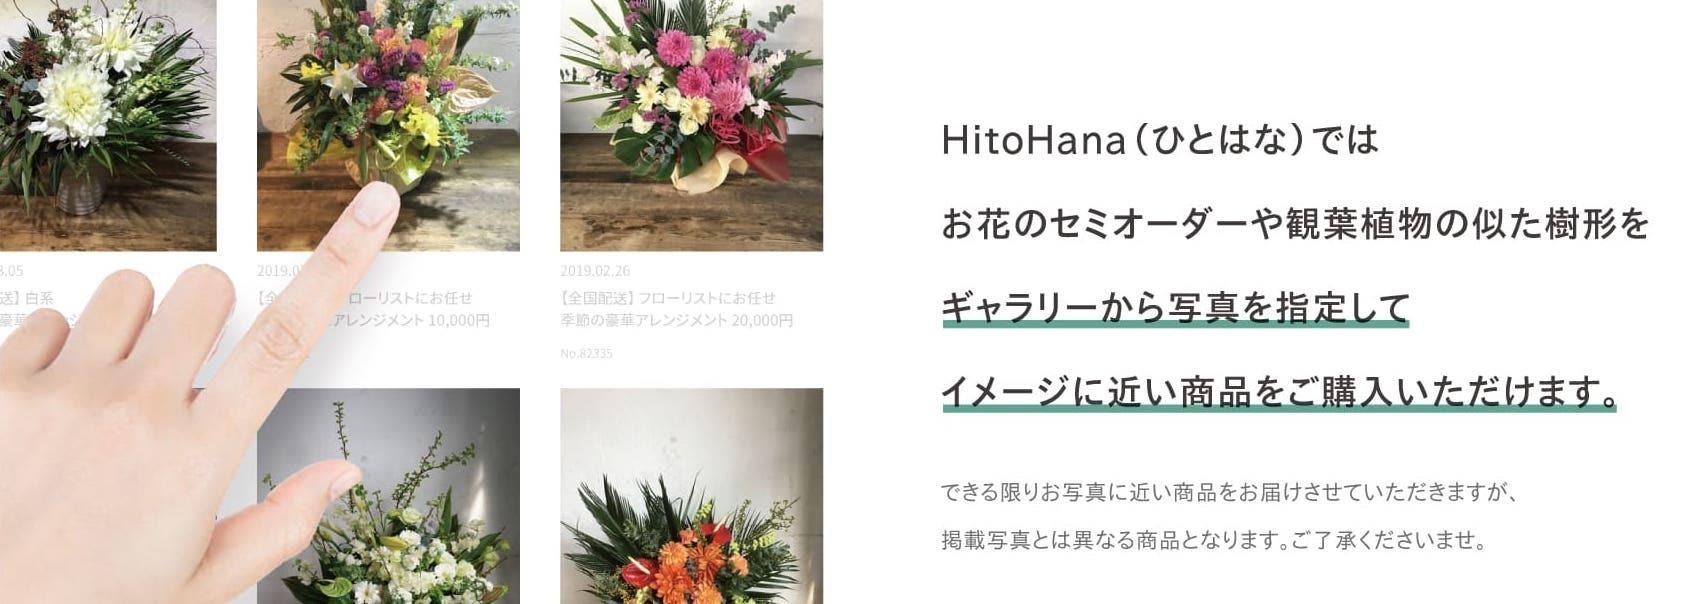 お祝い ギャラリー写真 - 国内最大級の胡蝶蘭・観葉植物通販サイト